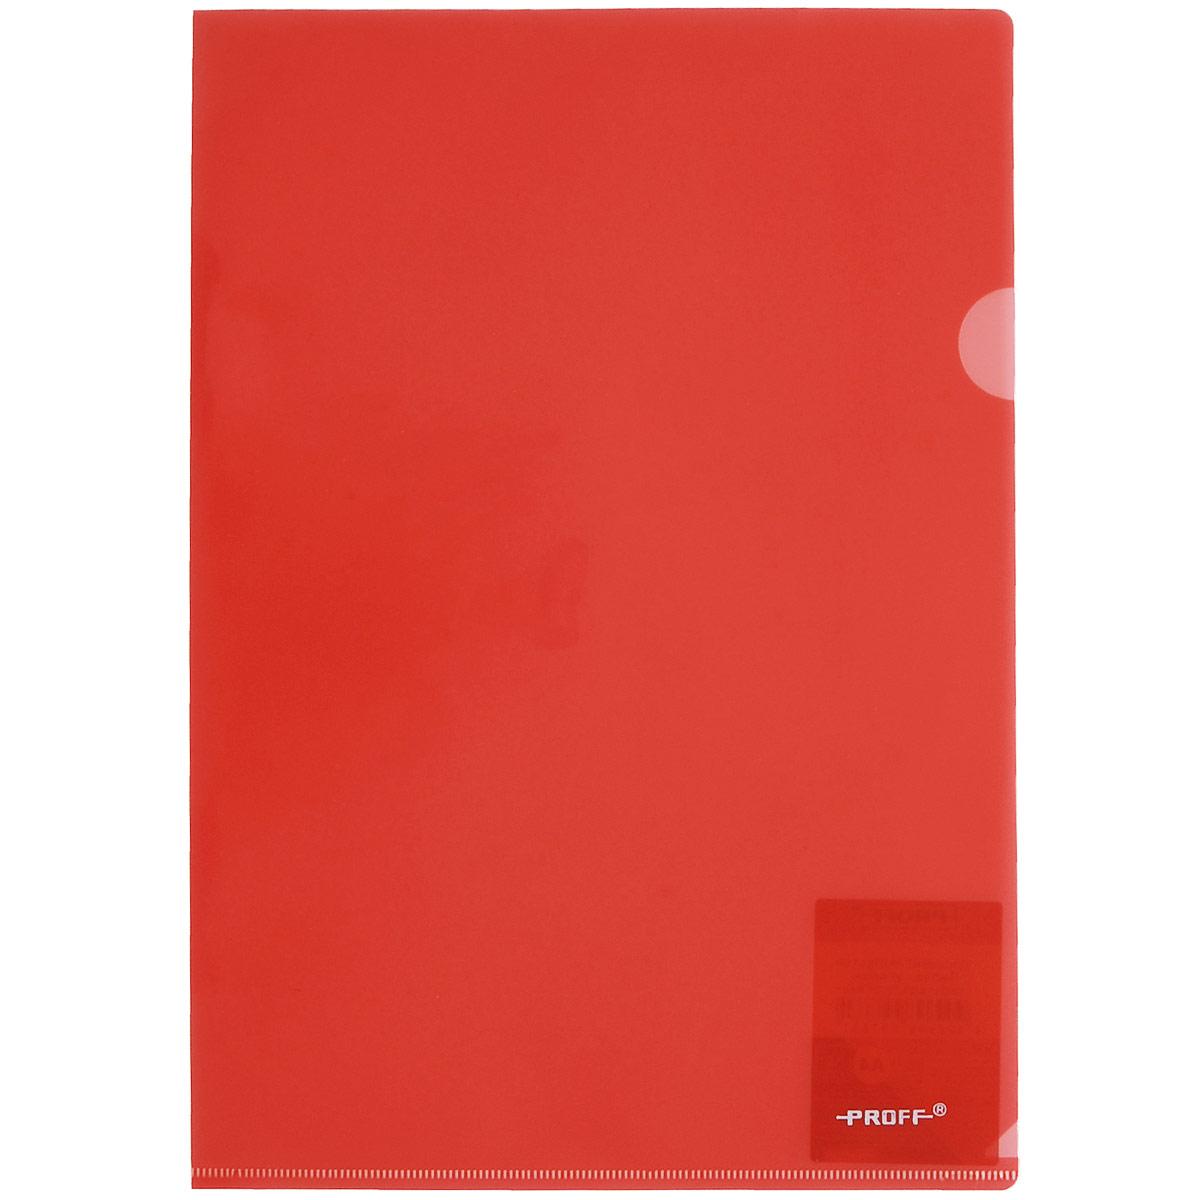 Папка-уголок Proff Alpha, цвет: красный. Формат А4FS-36052Папка-уголок Proff Alpha, изготовленная из высококачественного полипропилена, это удобный и практичный офисный инструмент, предназначенный для хранения и транспортировки рабочих бумаг и документов формата А4. Полупрозрачная глянцевая папка имеет опрятный и неброский вид. Папка-уголок - это незаменимый атрибут для студента, школьника, офисного работника. Такая папка надежно сохранит ваши документы и сбережет их от повреждений, пыли и влаги.